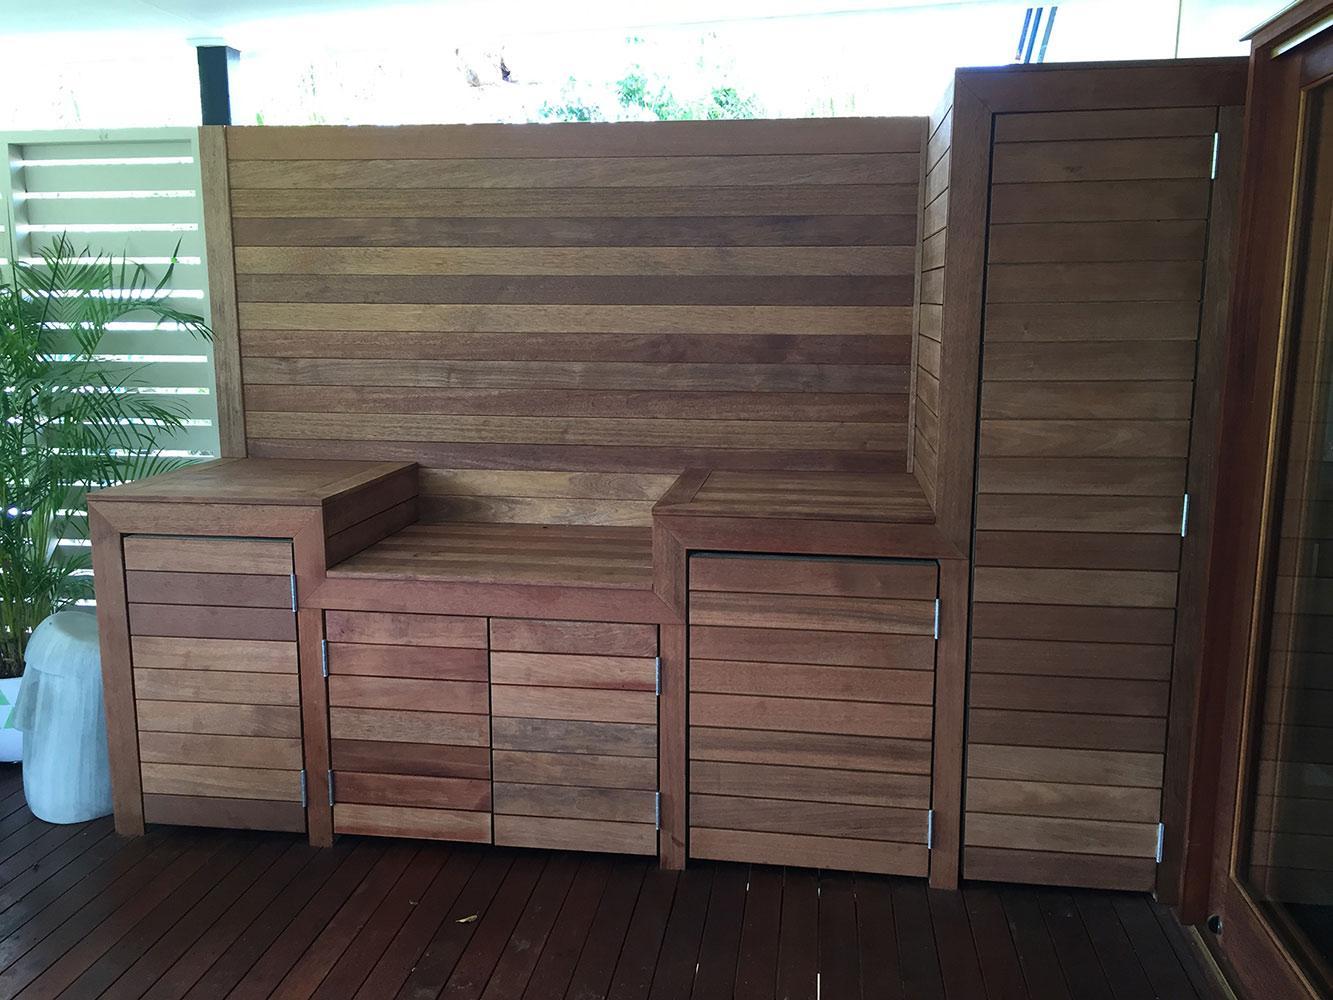 Timber Outdoor Kitchen Design Ideas Brisbane Gold Coast Logan